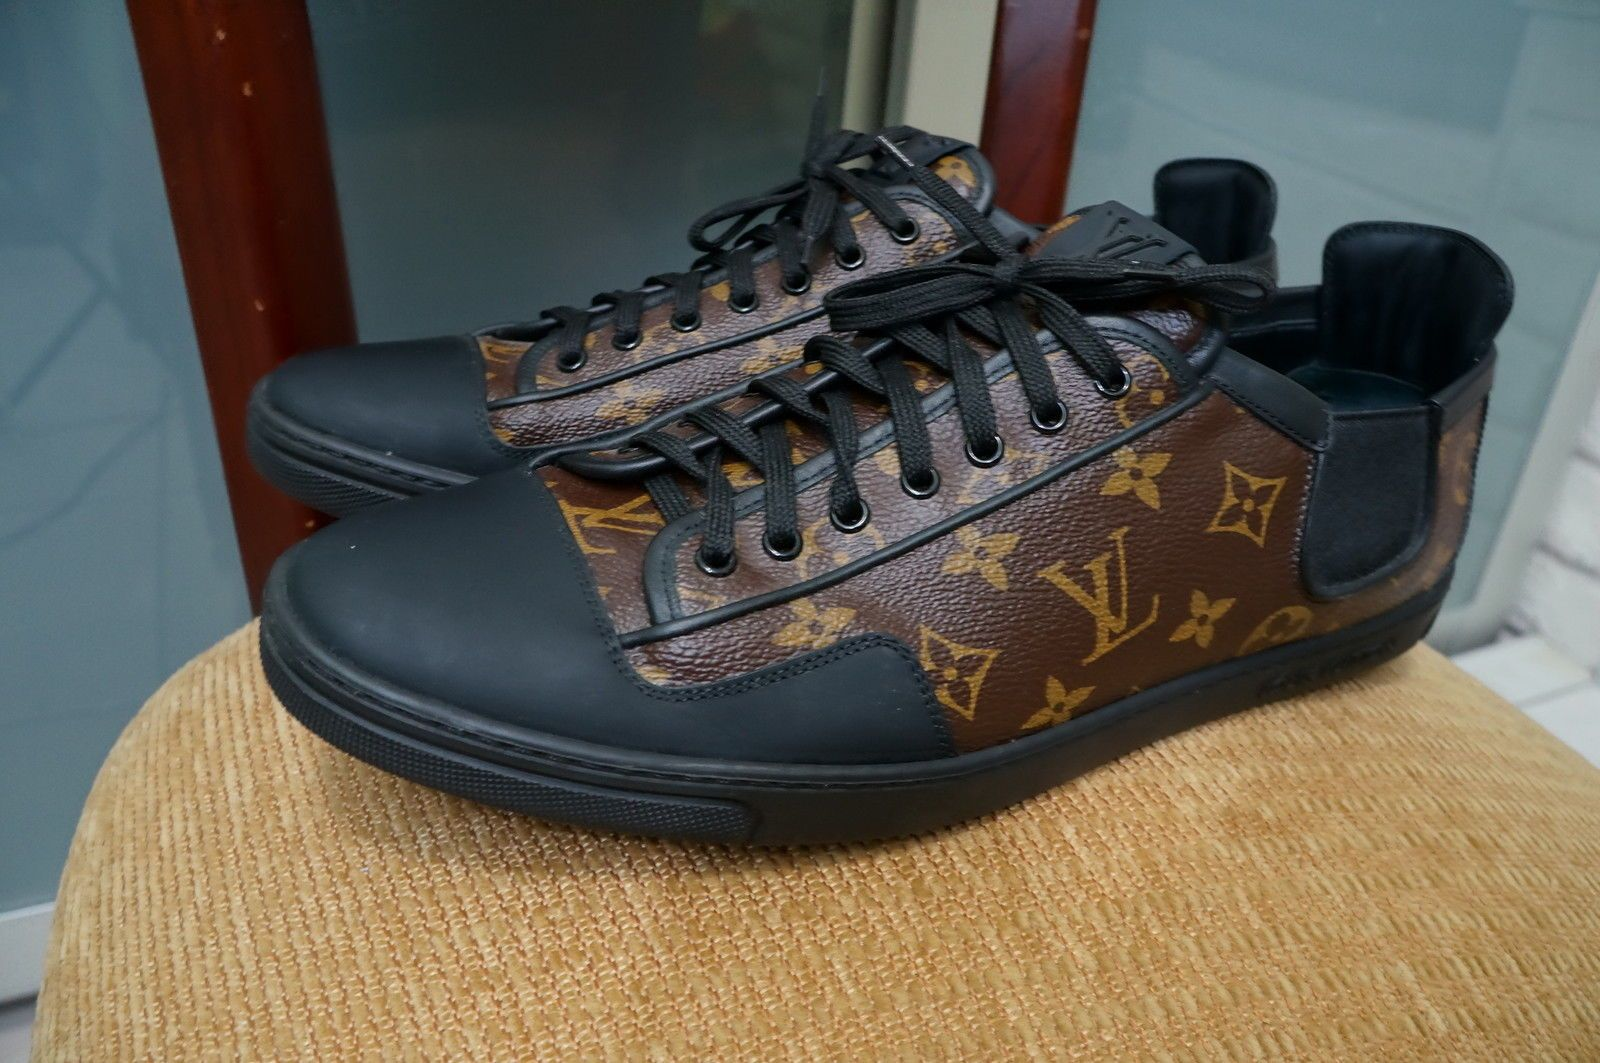 694fb5d8a7a Details about Authentic Louis Vuitton Men's Sneakers Size 12 (US ...